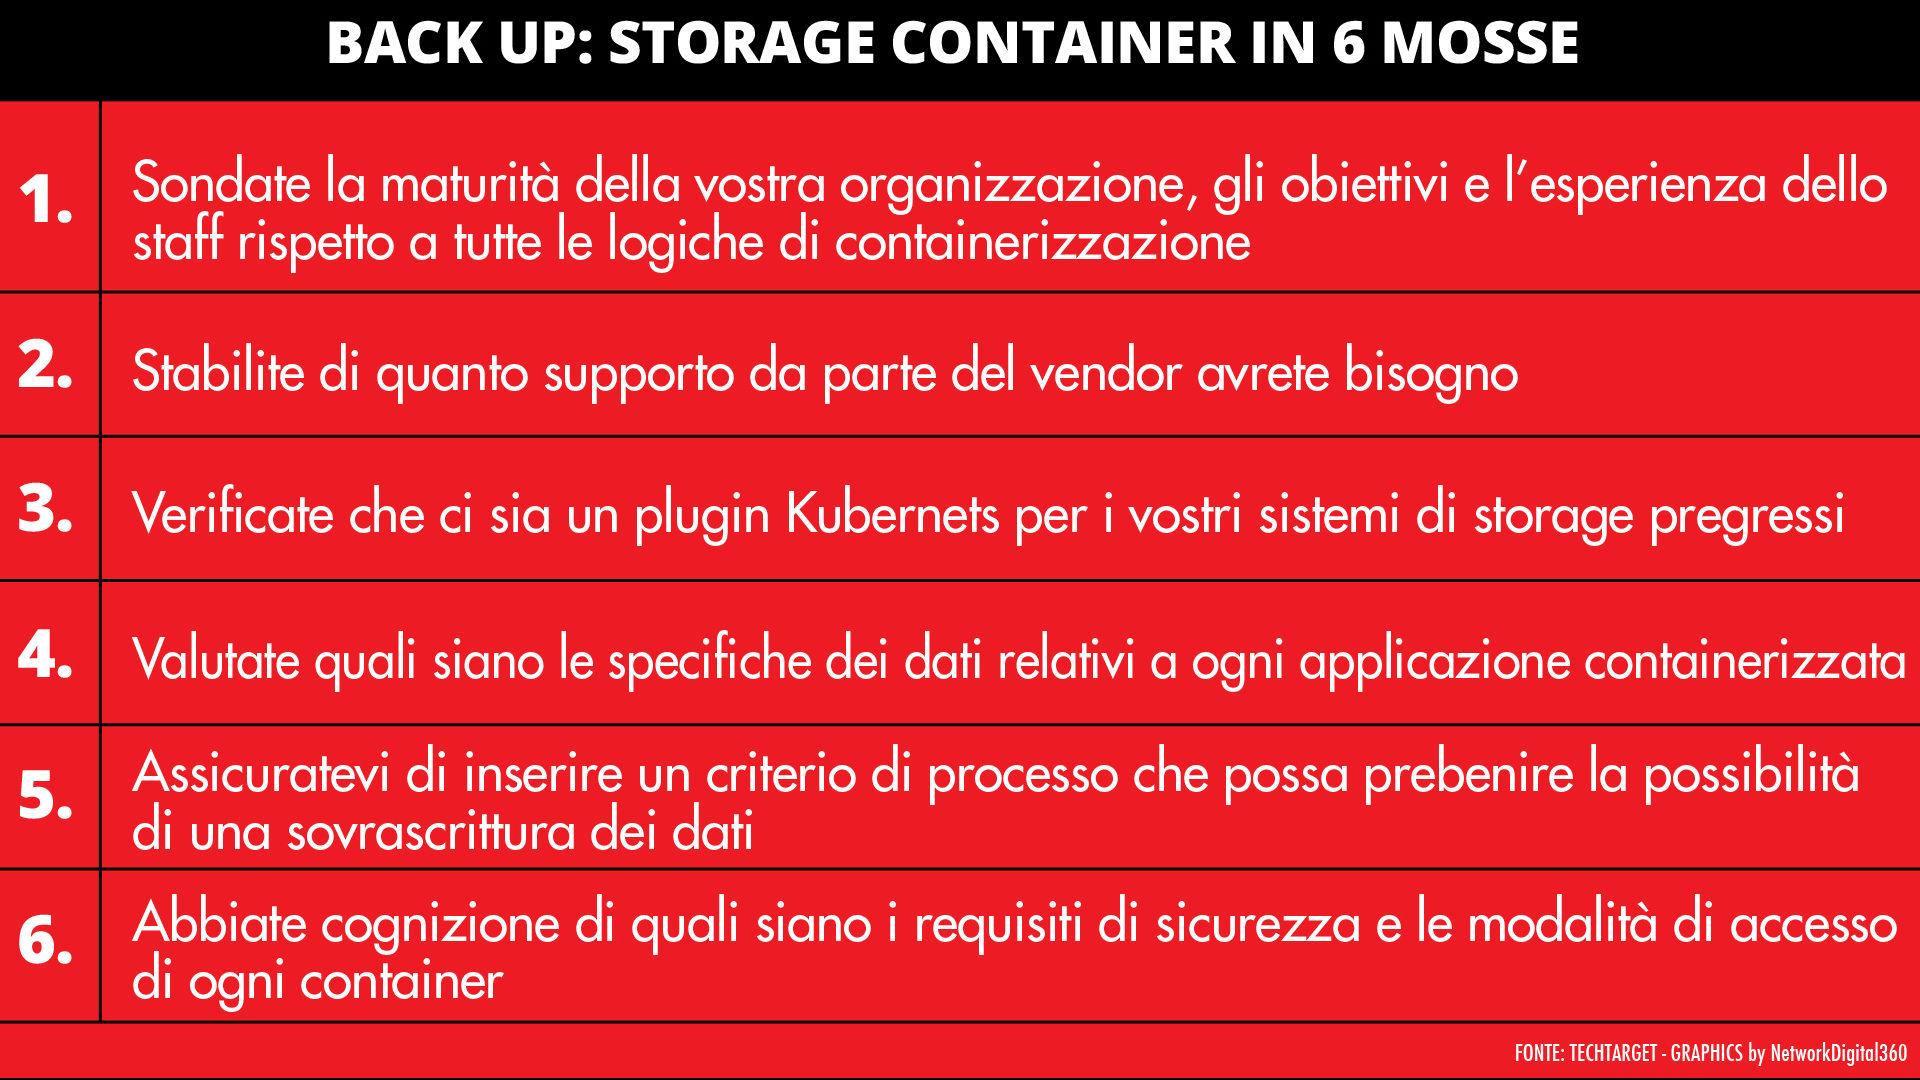 Docker backup 1